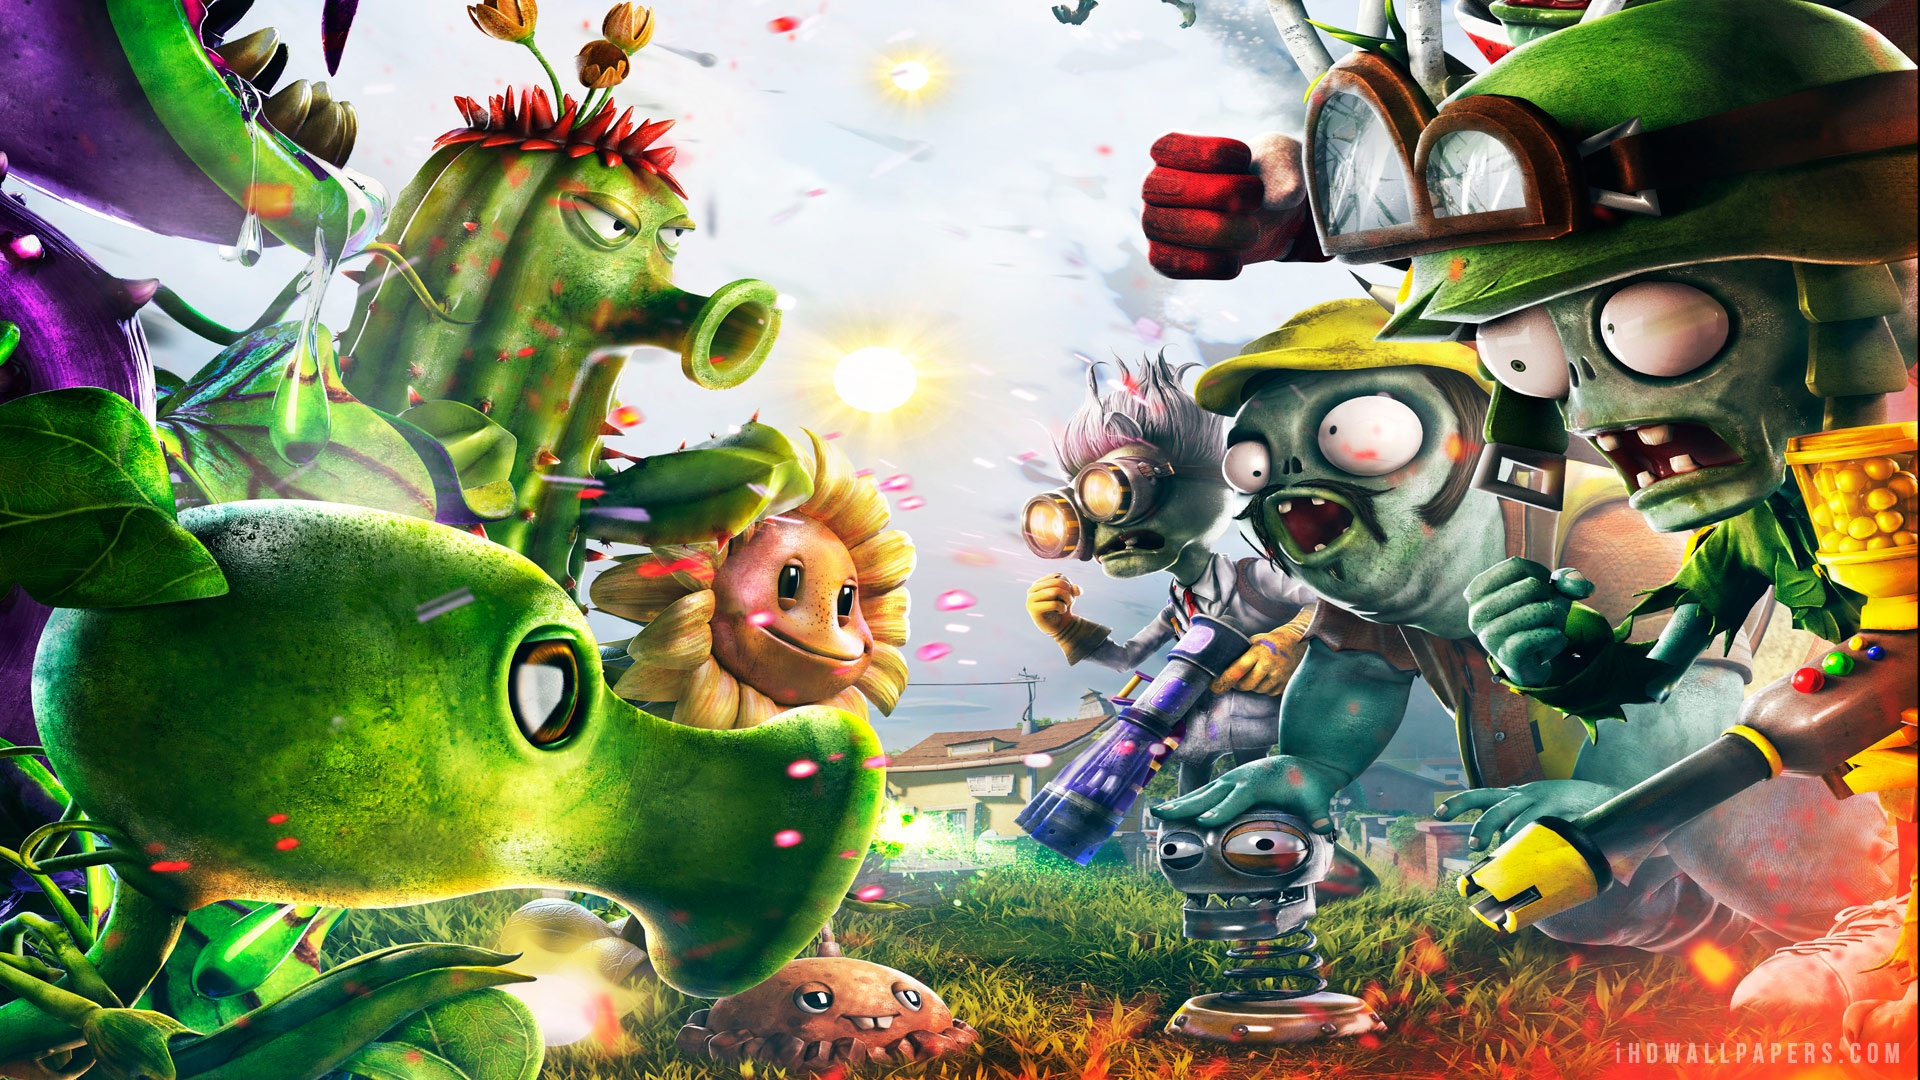 Fondos de Plantas contra Zombies, imagenes y Wallpapers HD